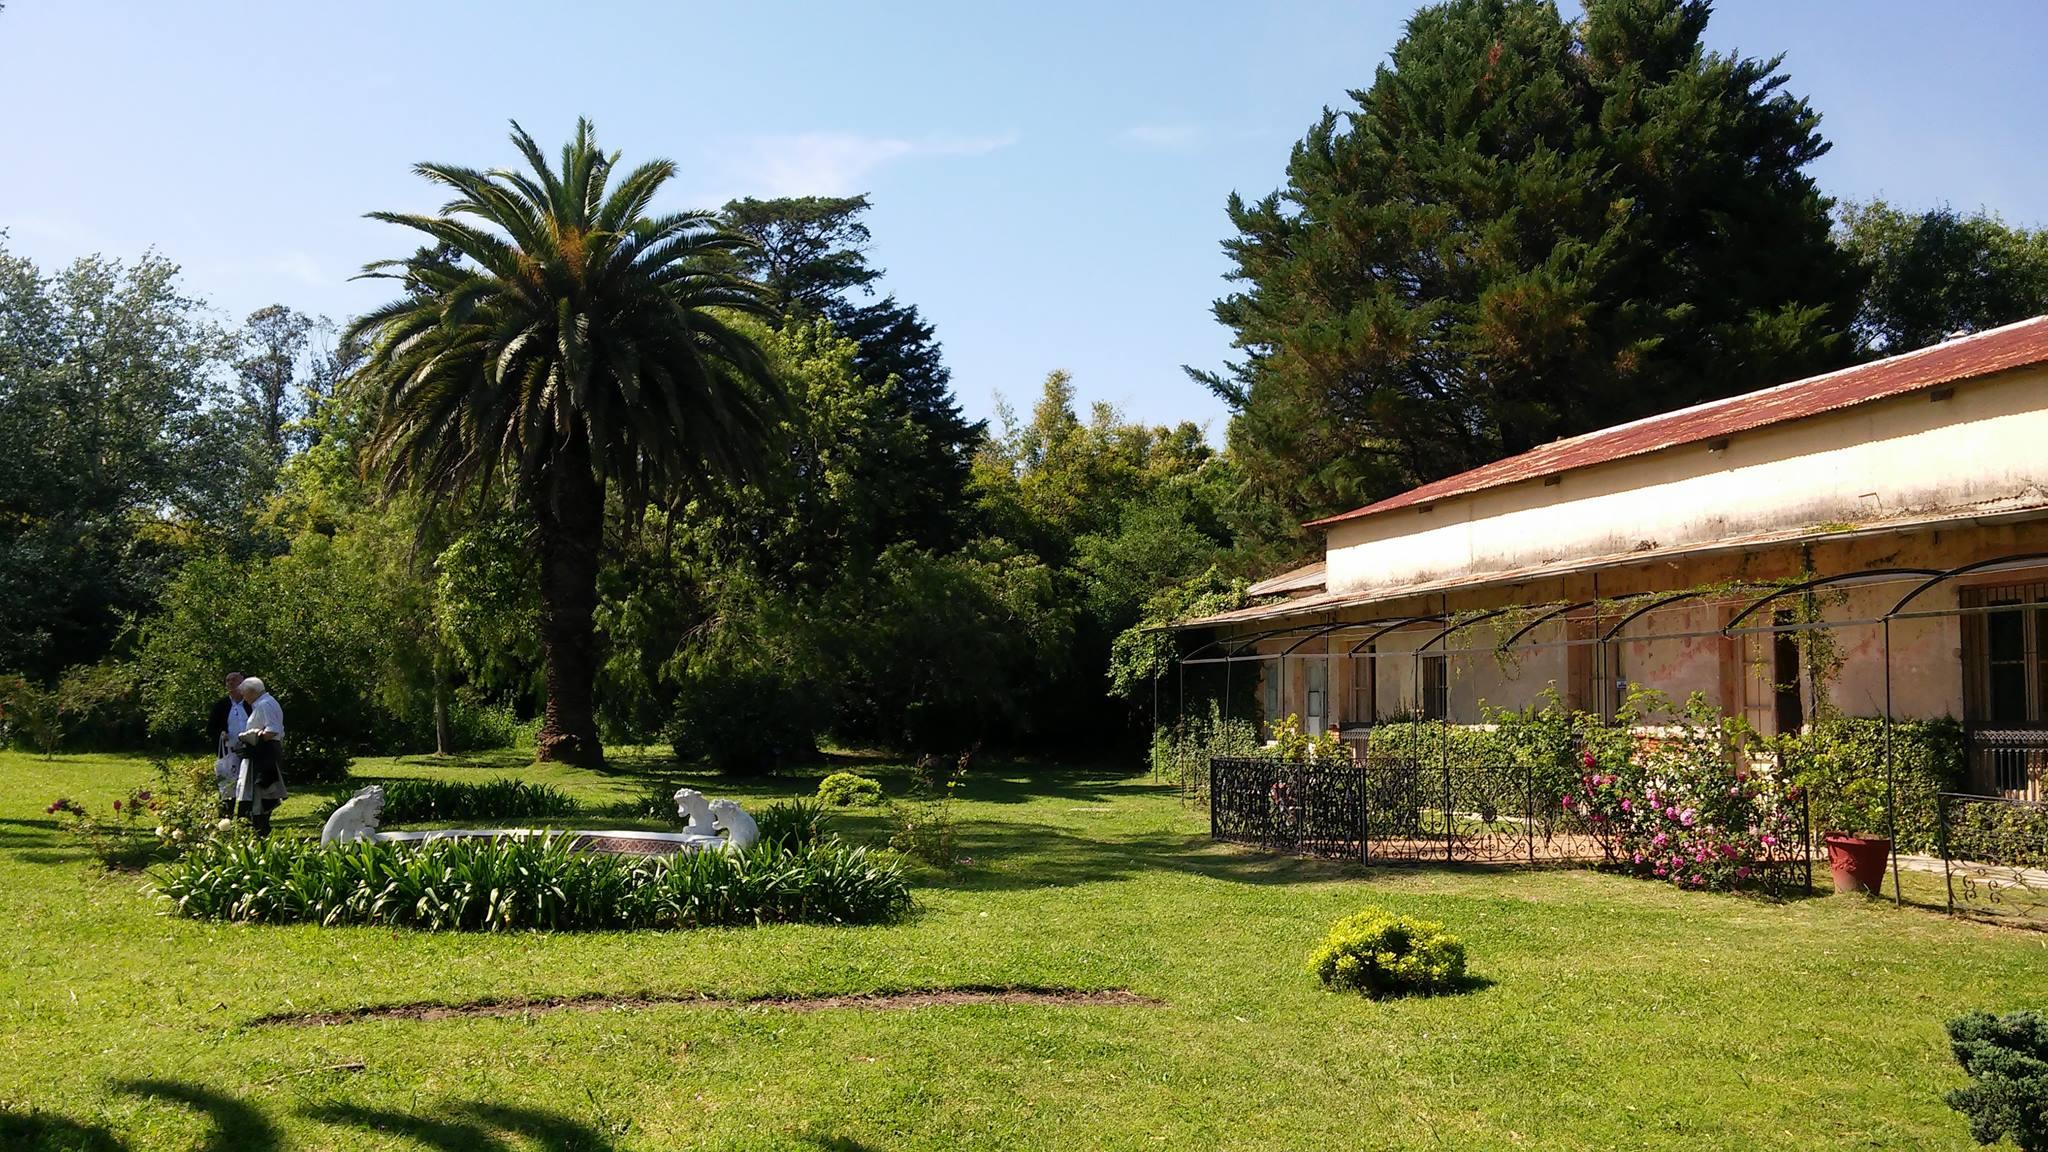 Paisaje: Quinta Capurro, en Santa Lucía, Canelones (La Canoa T02P175)